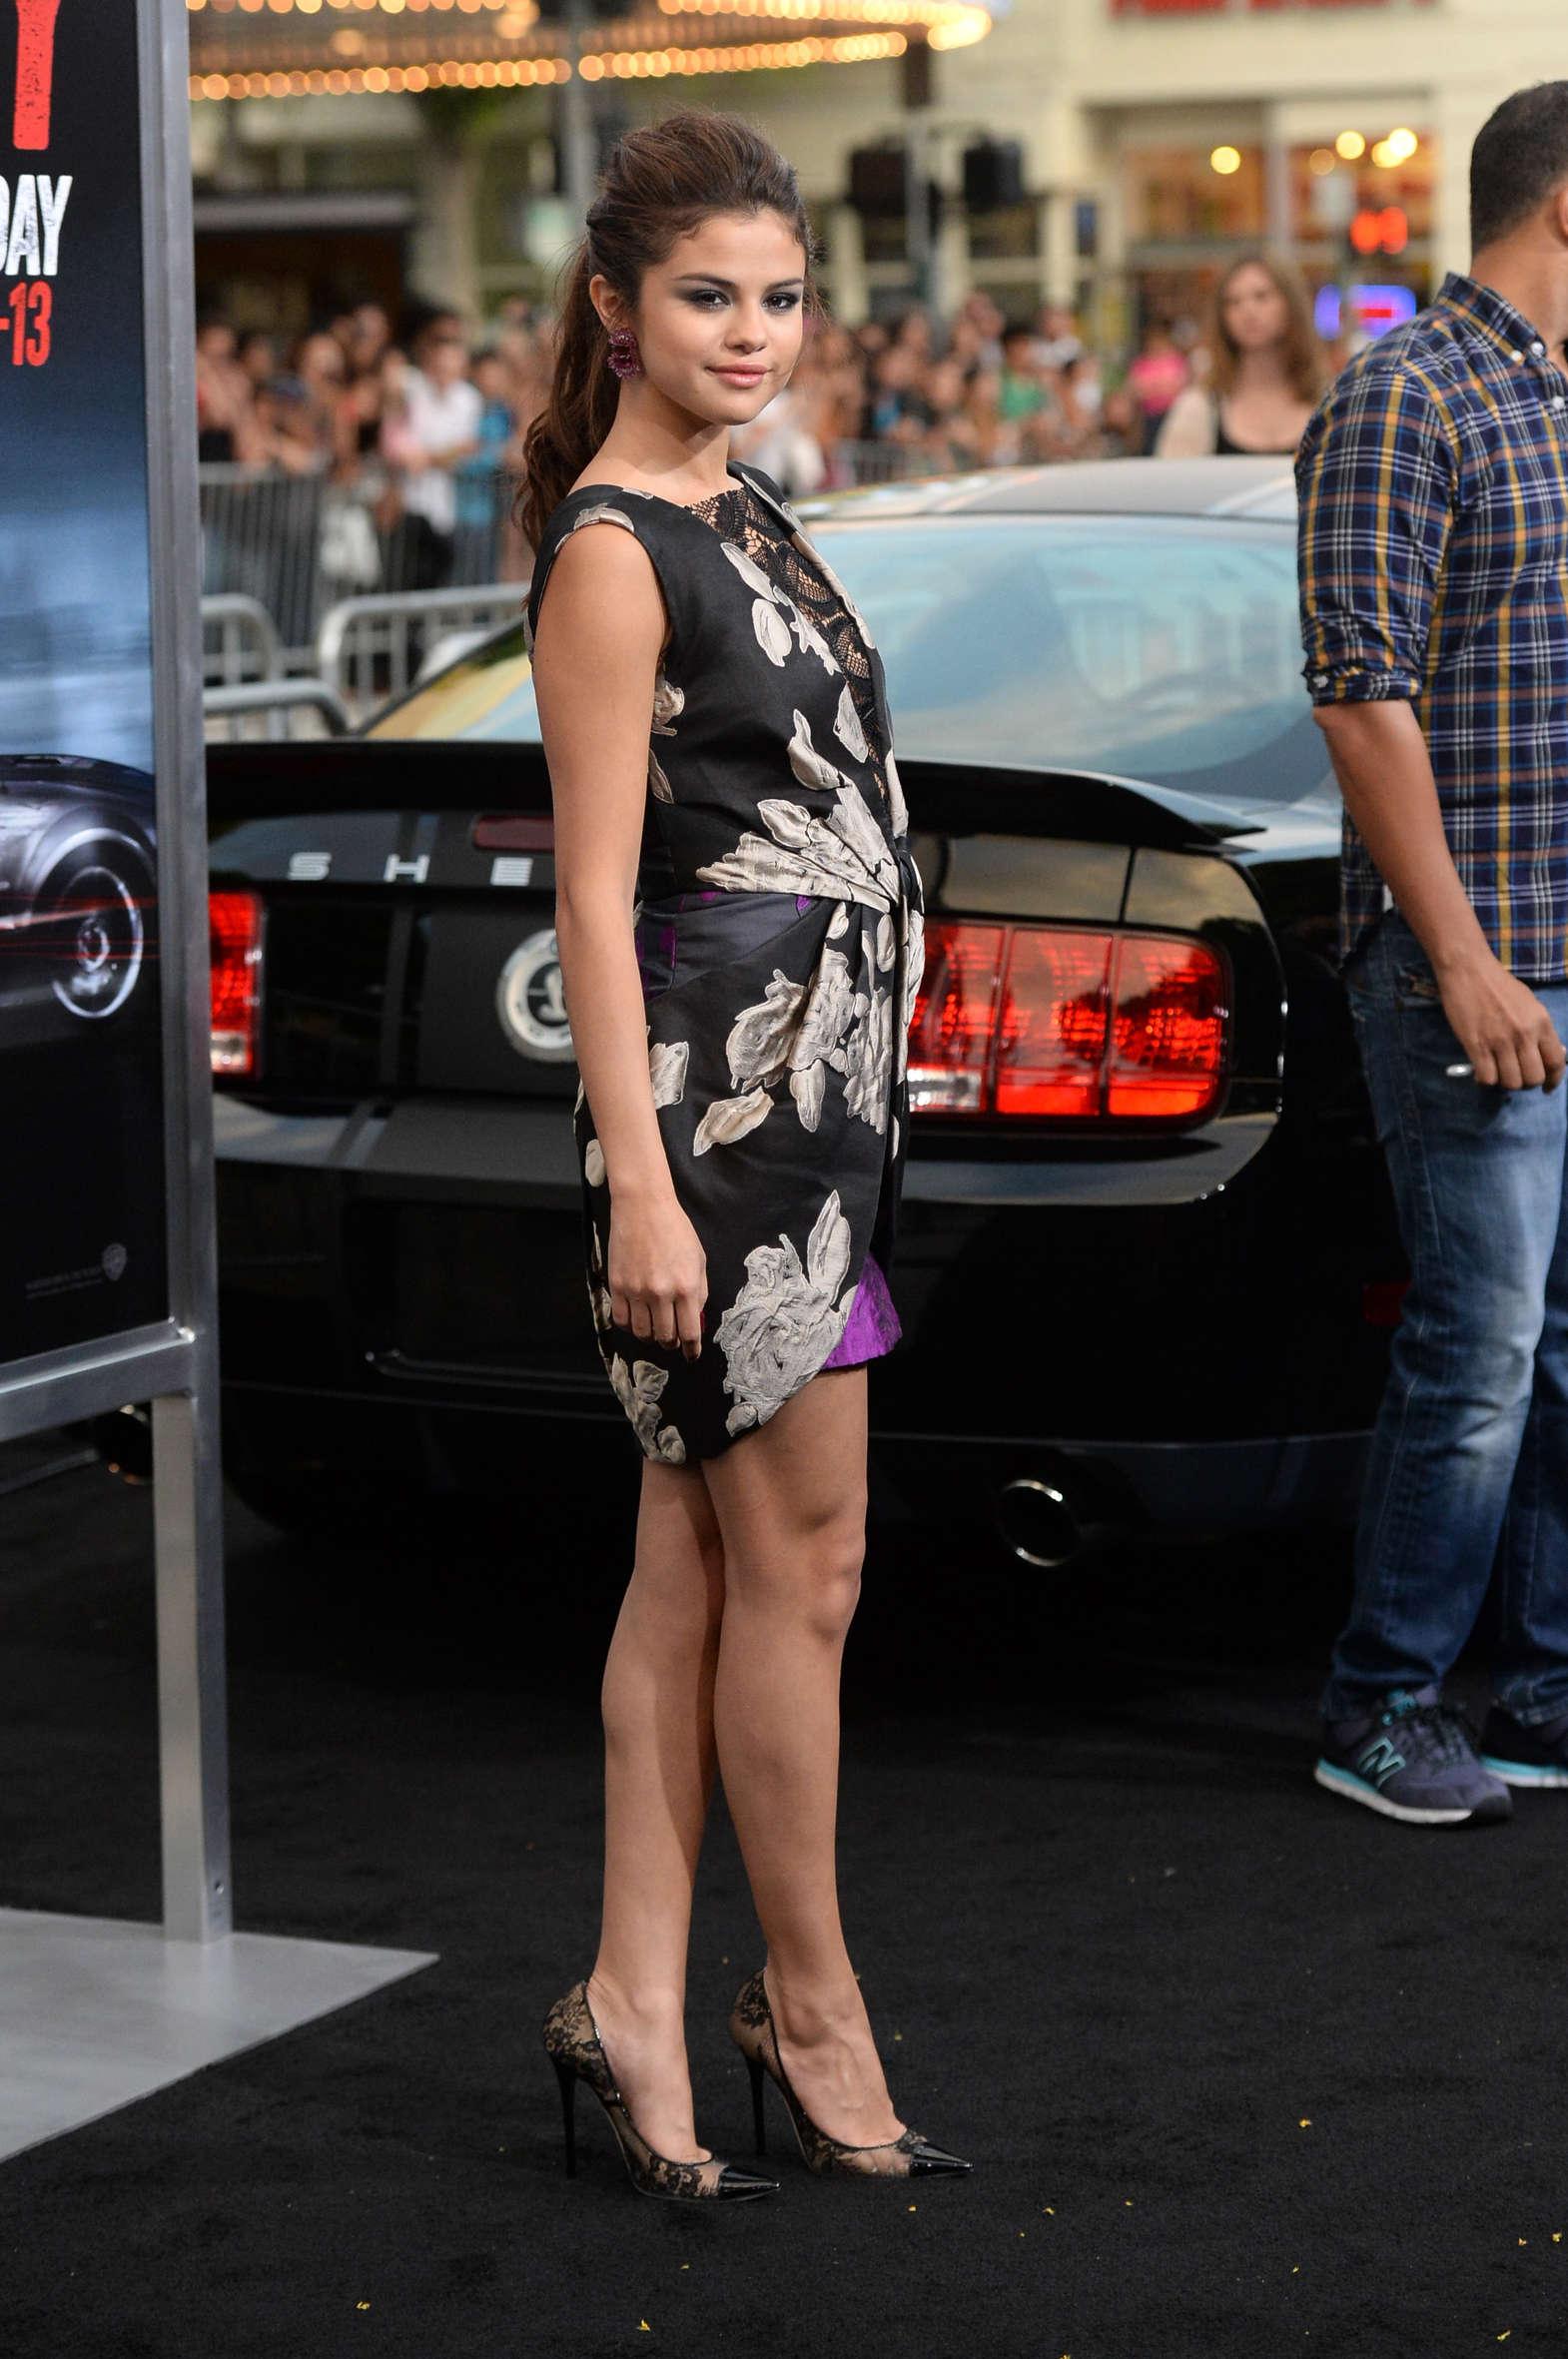 Selena Gomez - Getaway premiere in Westwood -04 - GotCeleb